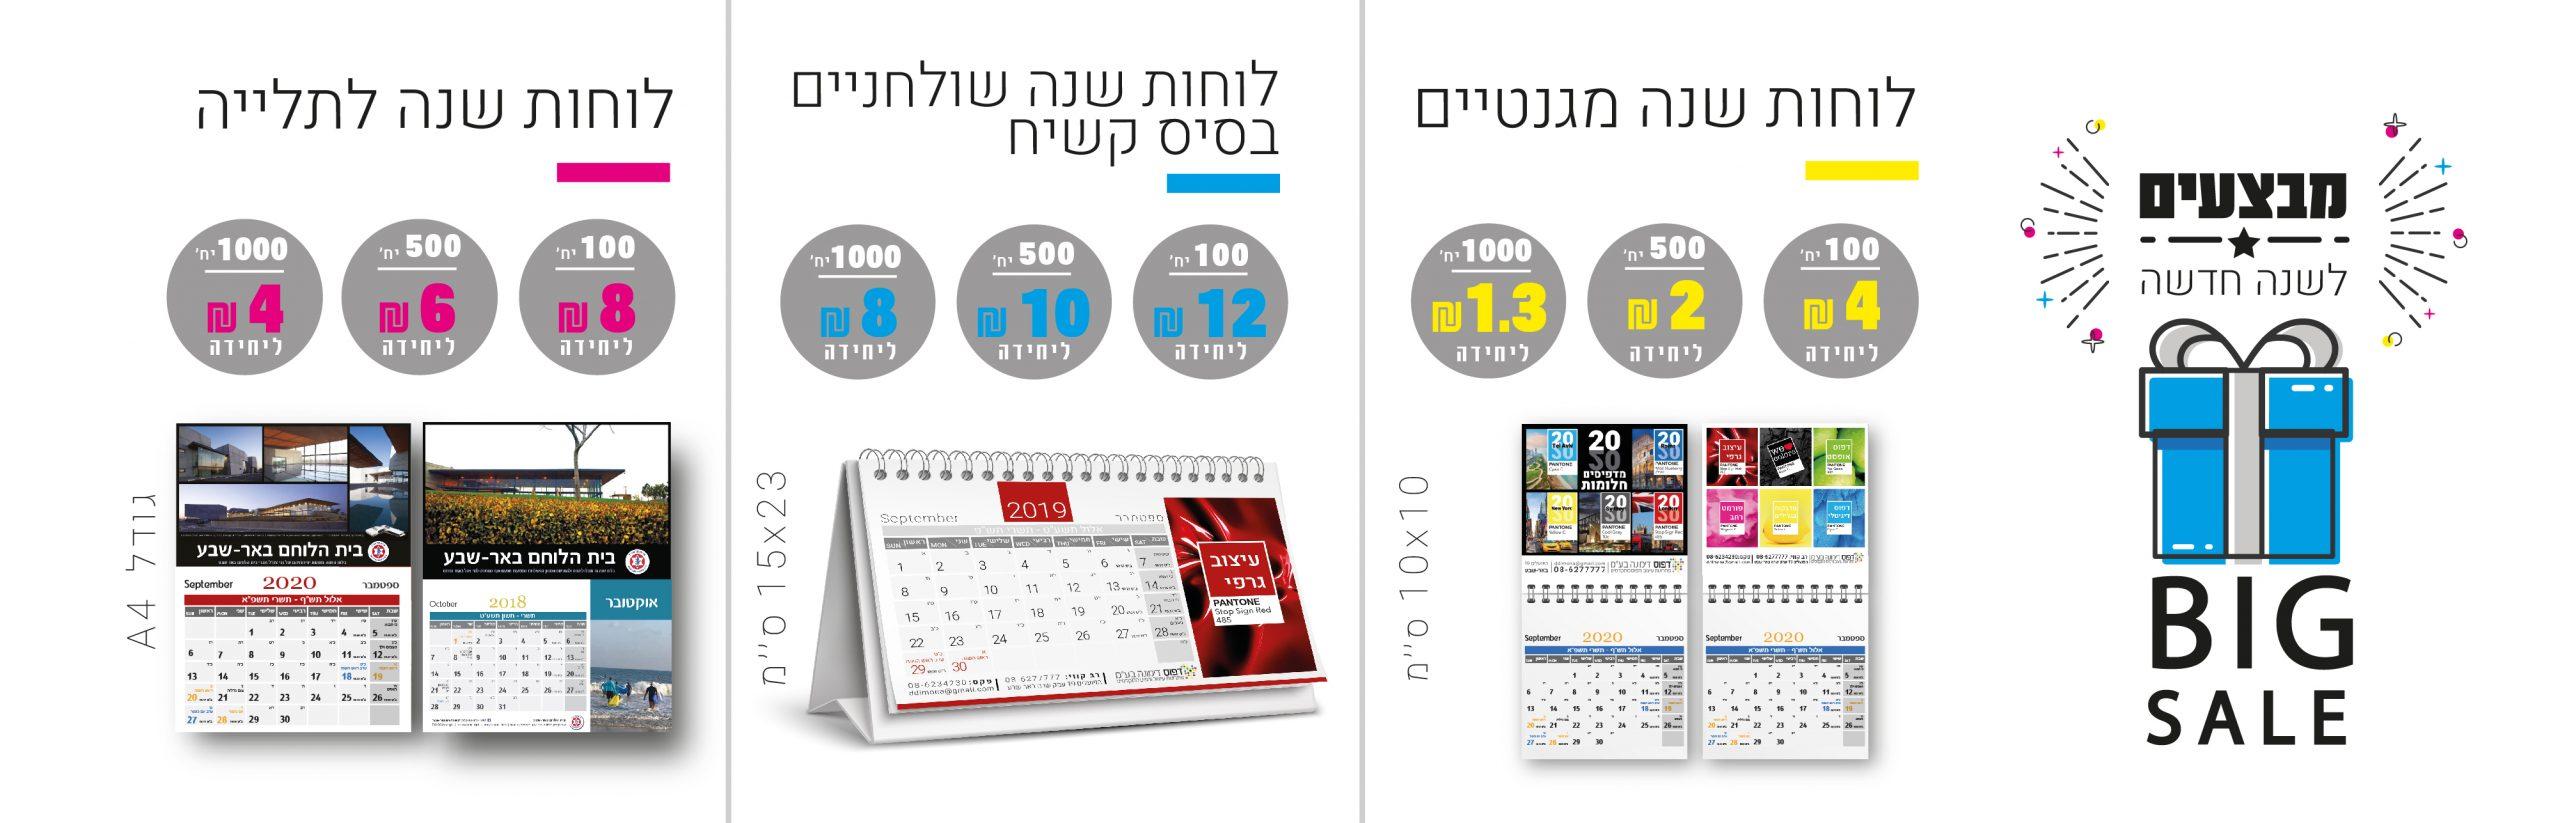 banner_mifsa_luah_shana-internet-2020-03-03